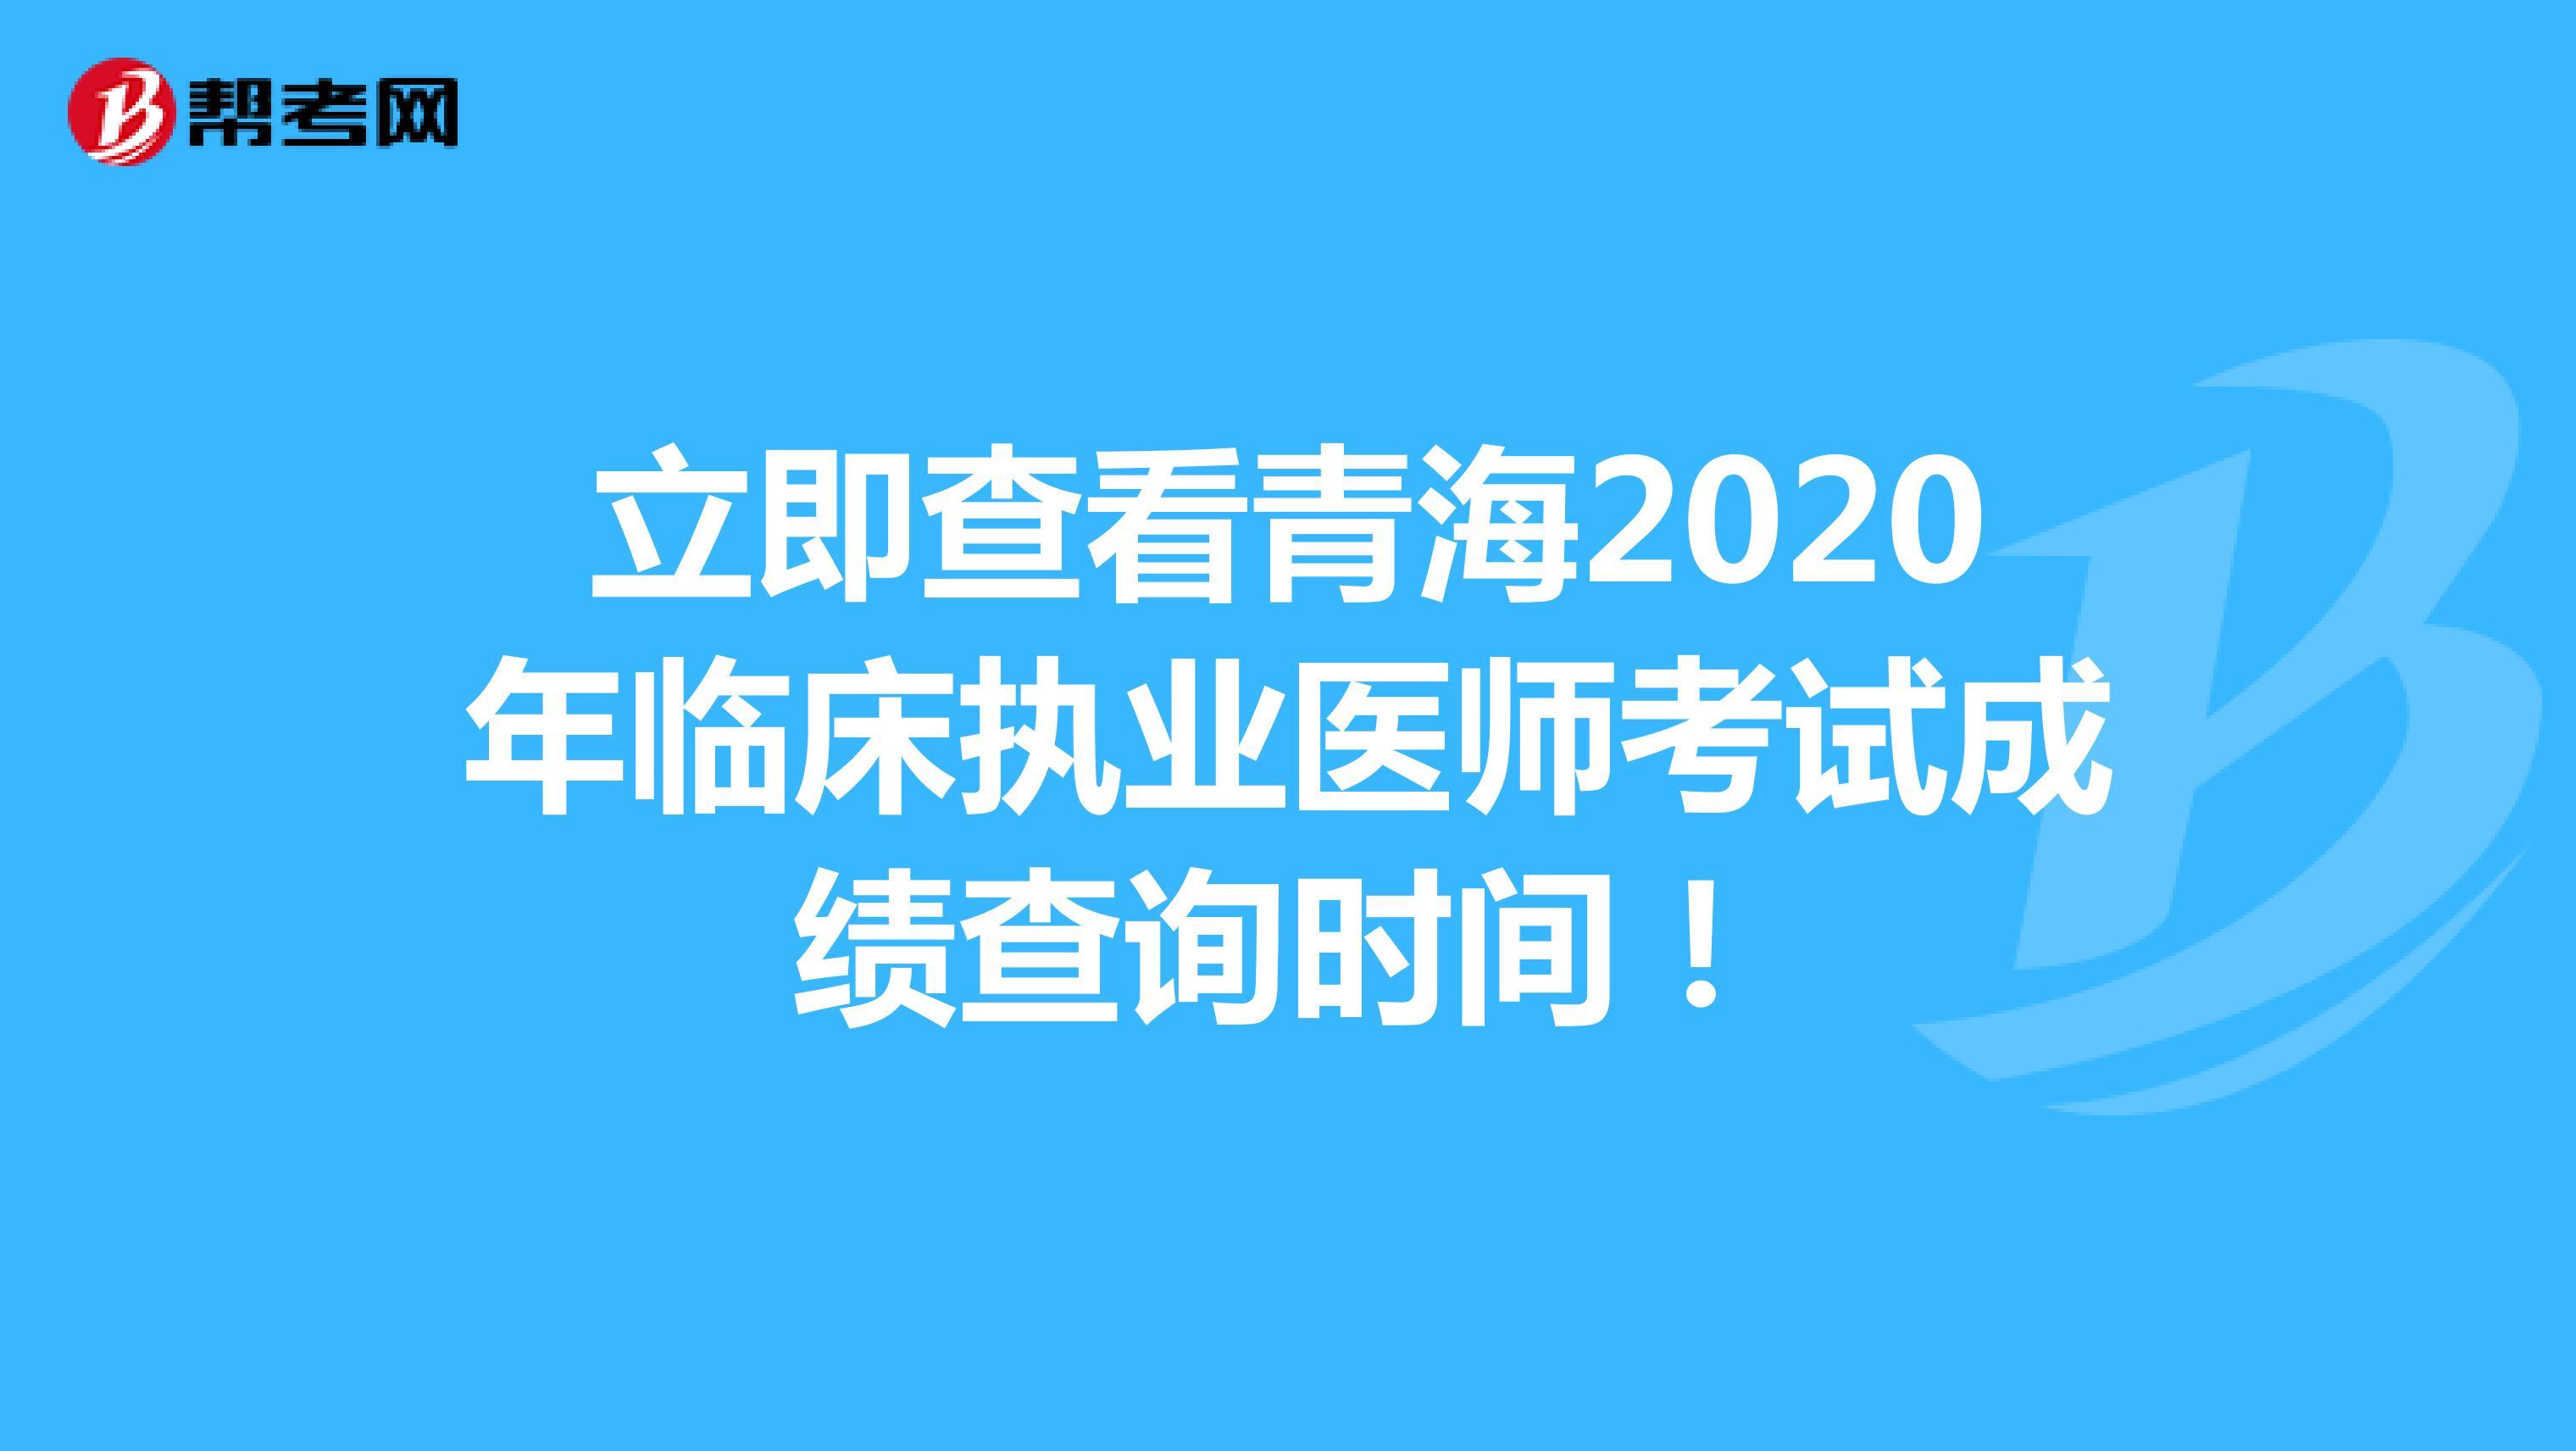 立即查看青海2020年临床执业医师考试成绩查询时间!